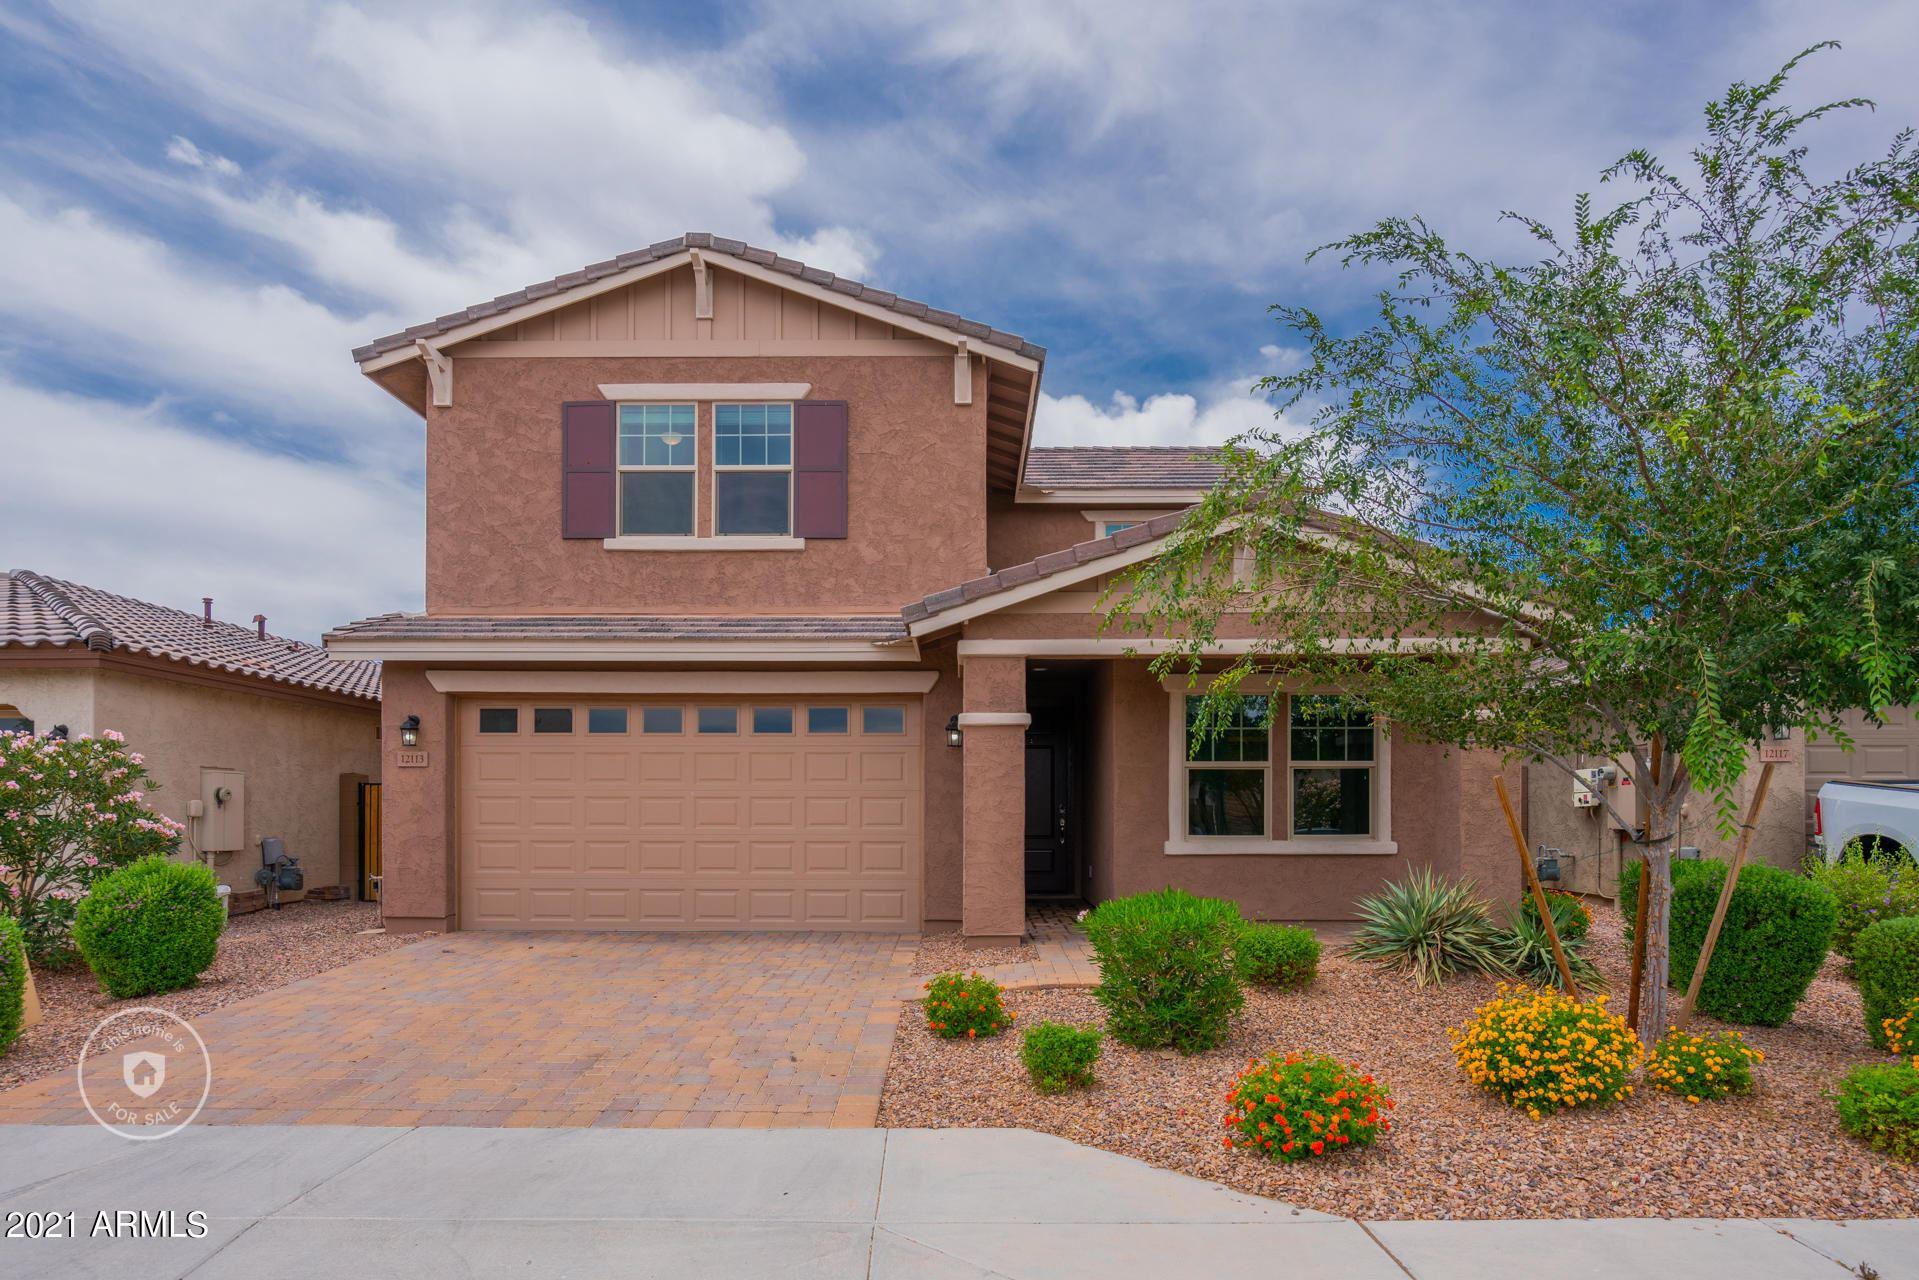 12113 W DESERT MOON Way, Peoria, AZ 85383 - MLS#: 6247605